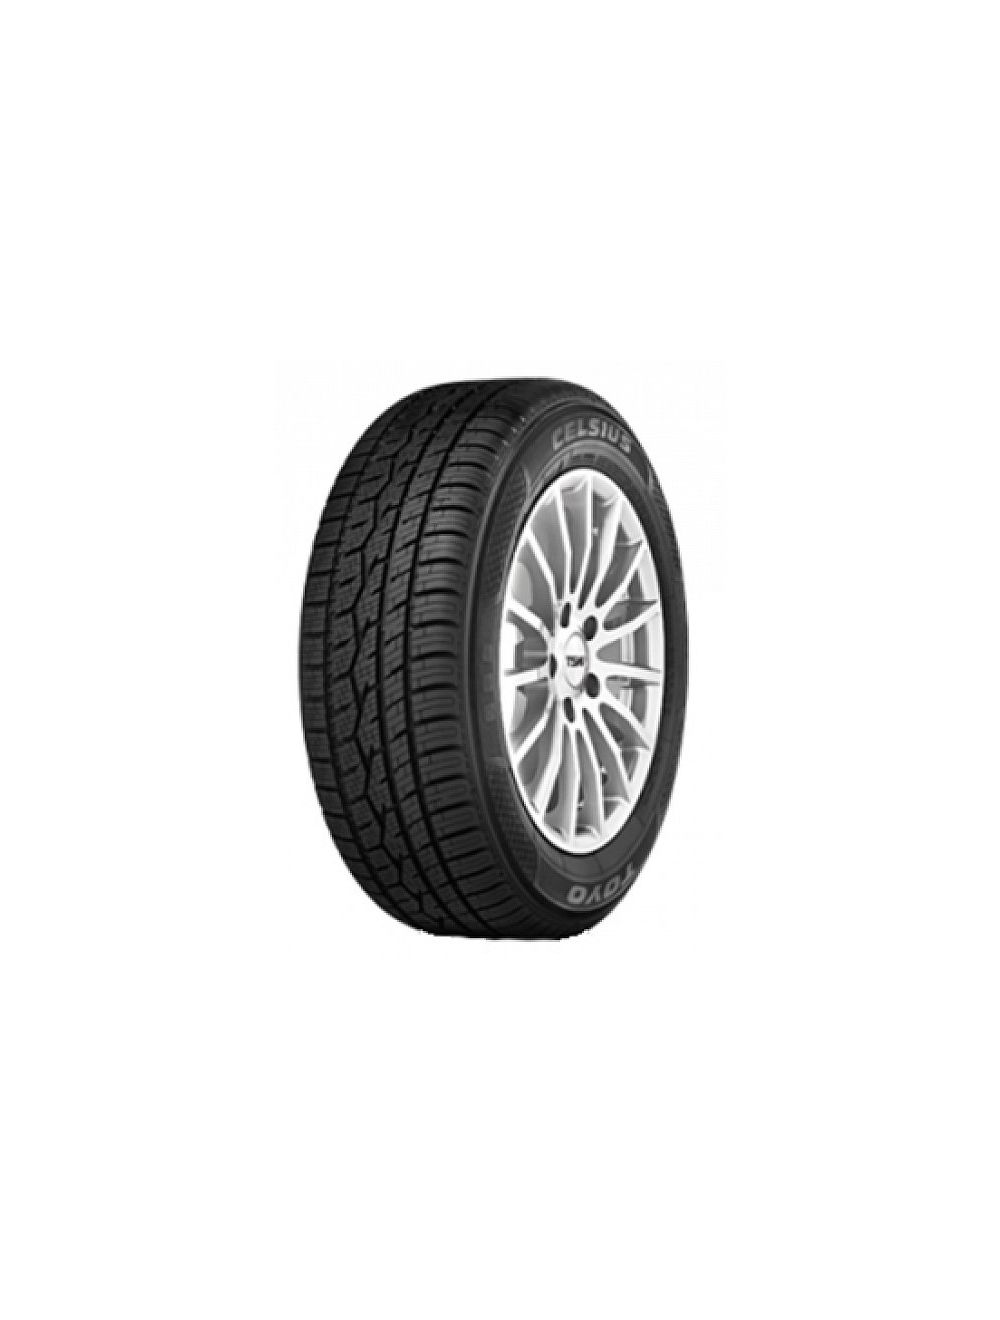 Toyo 175/65R14 T Celsius Négyévszakos gumi